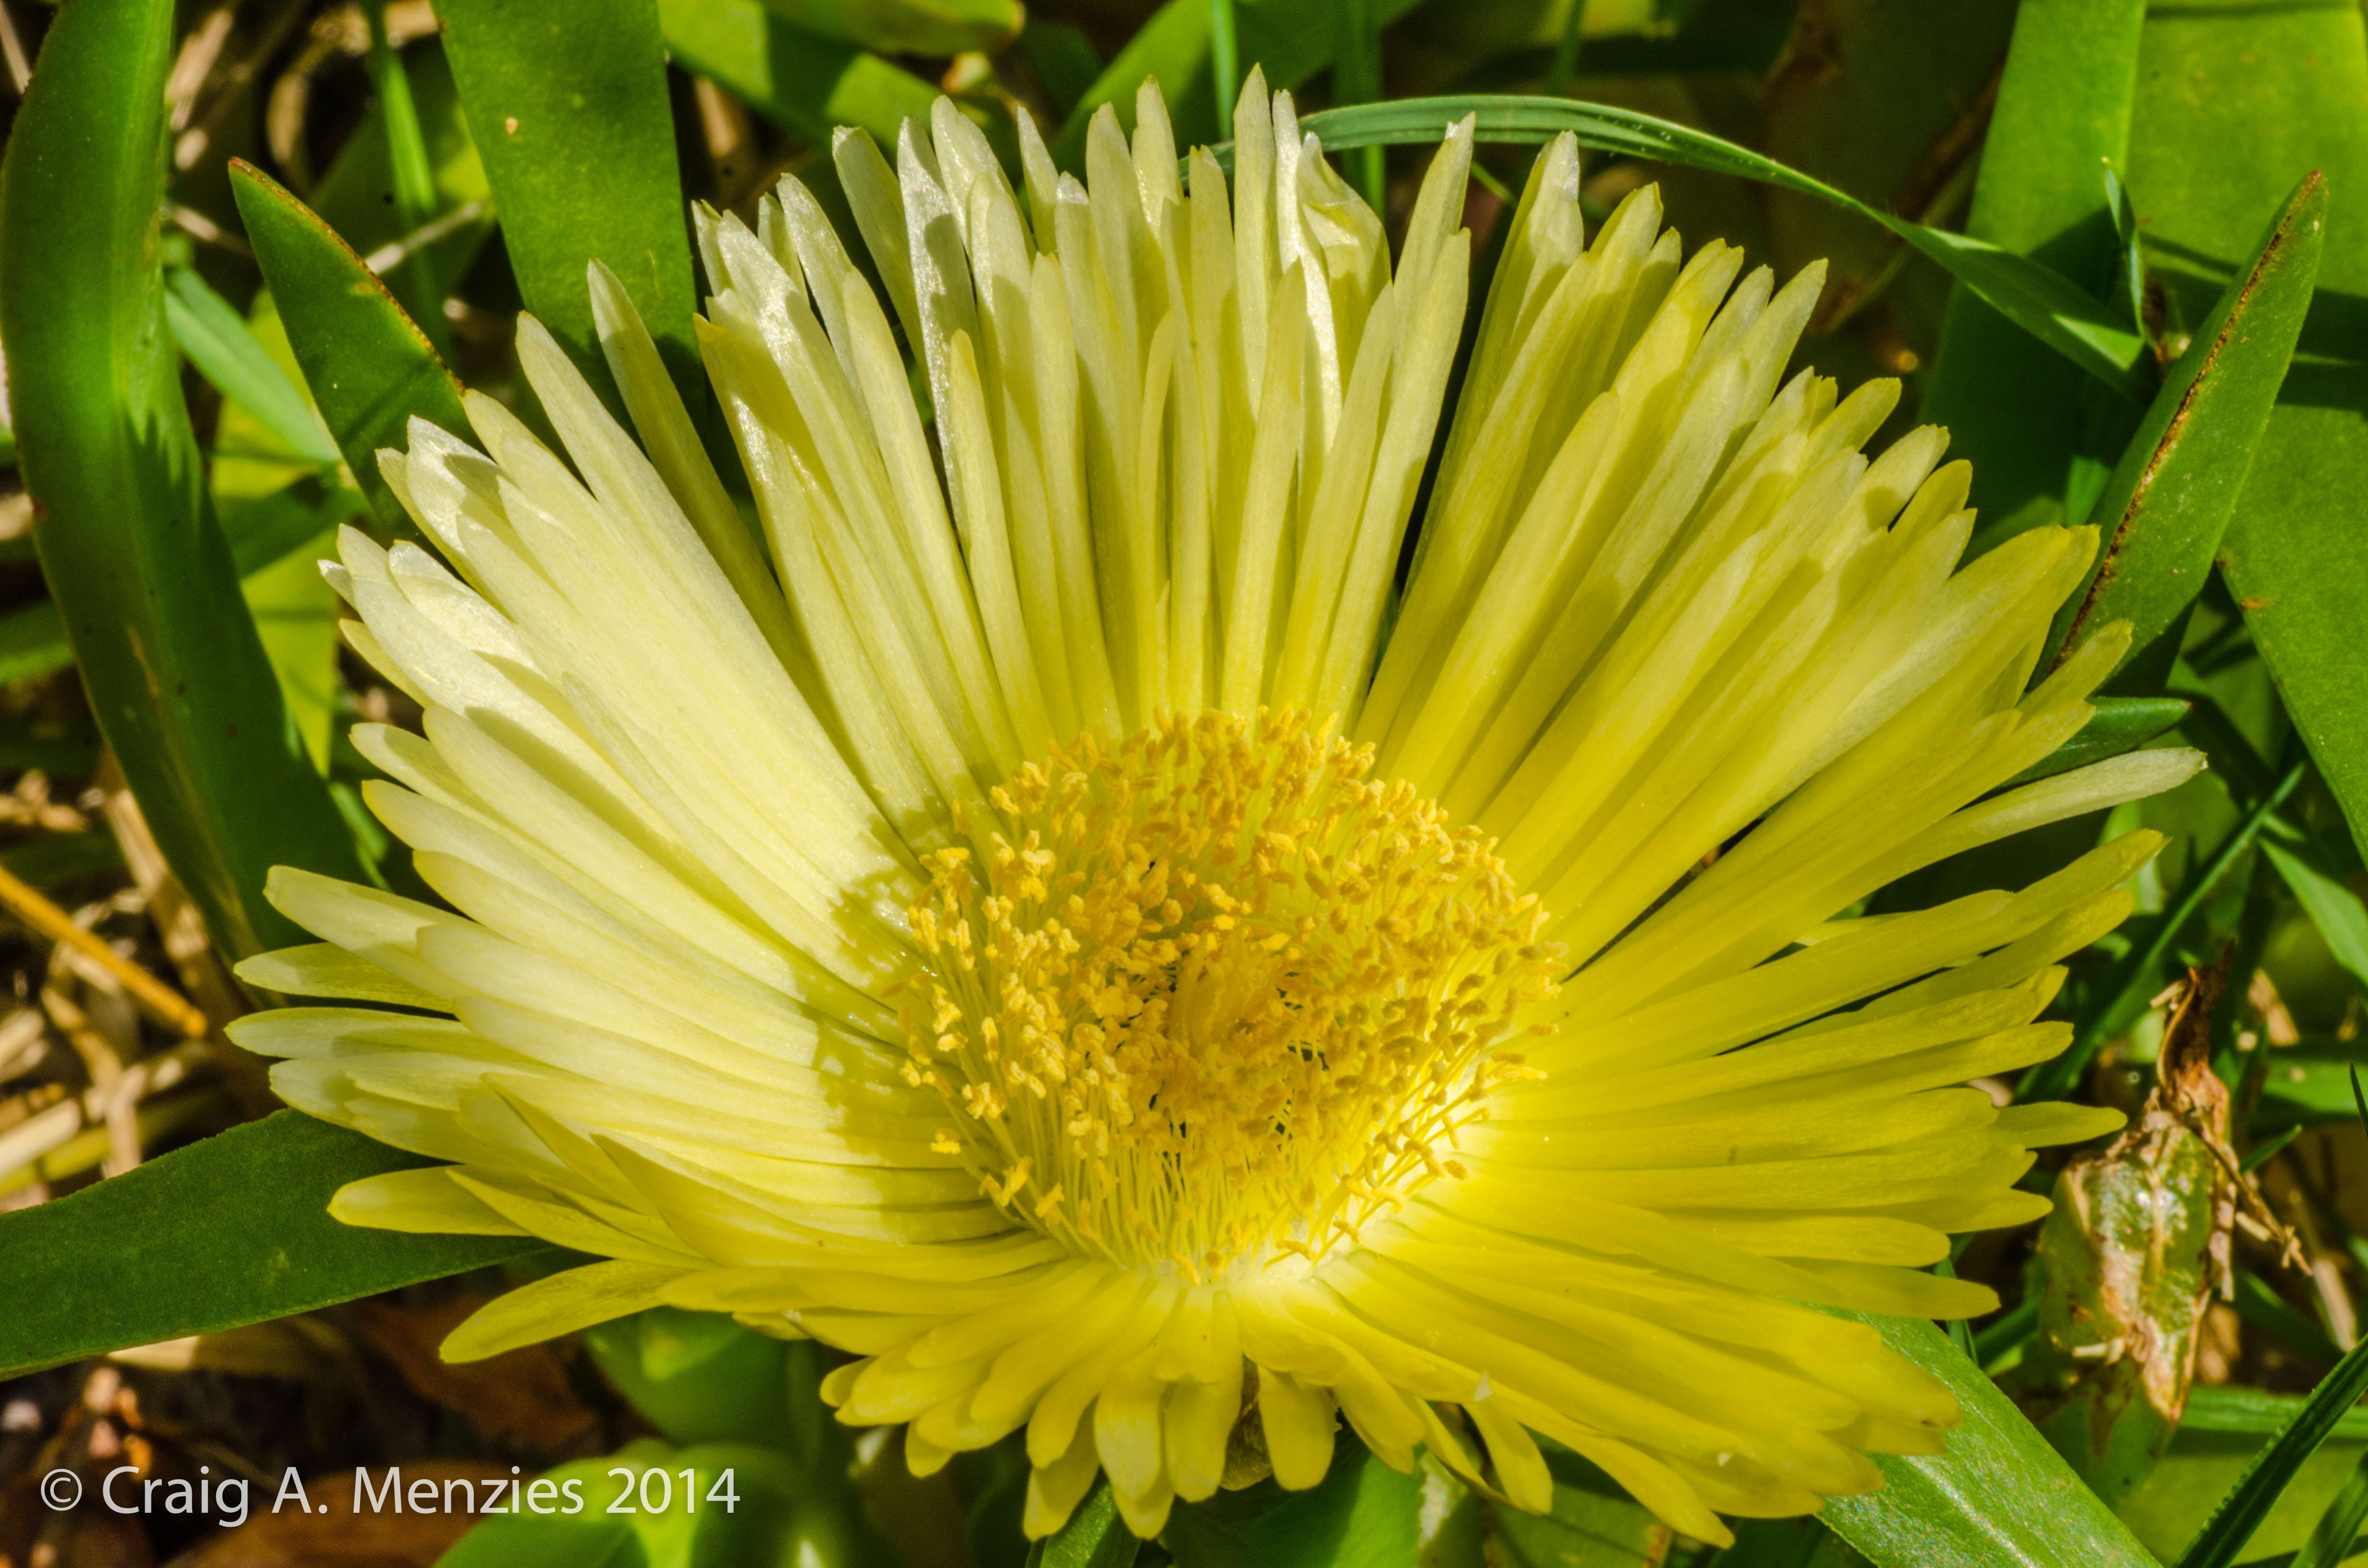 Floral-Gold